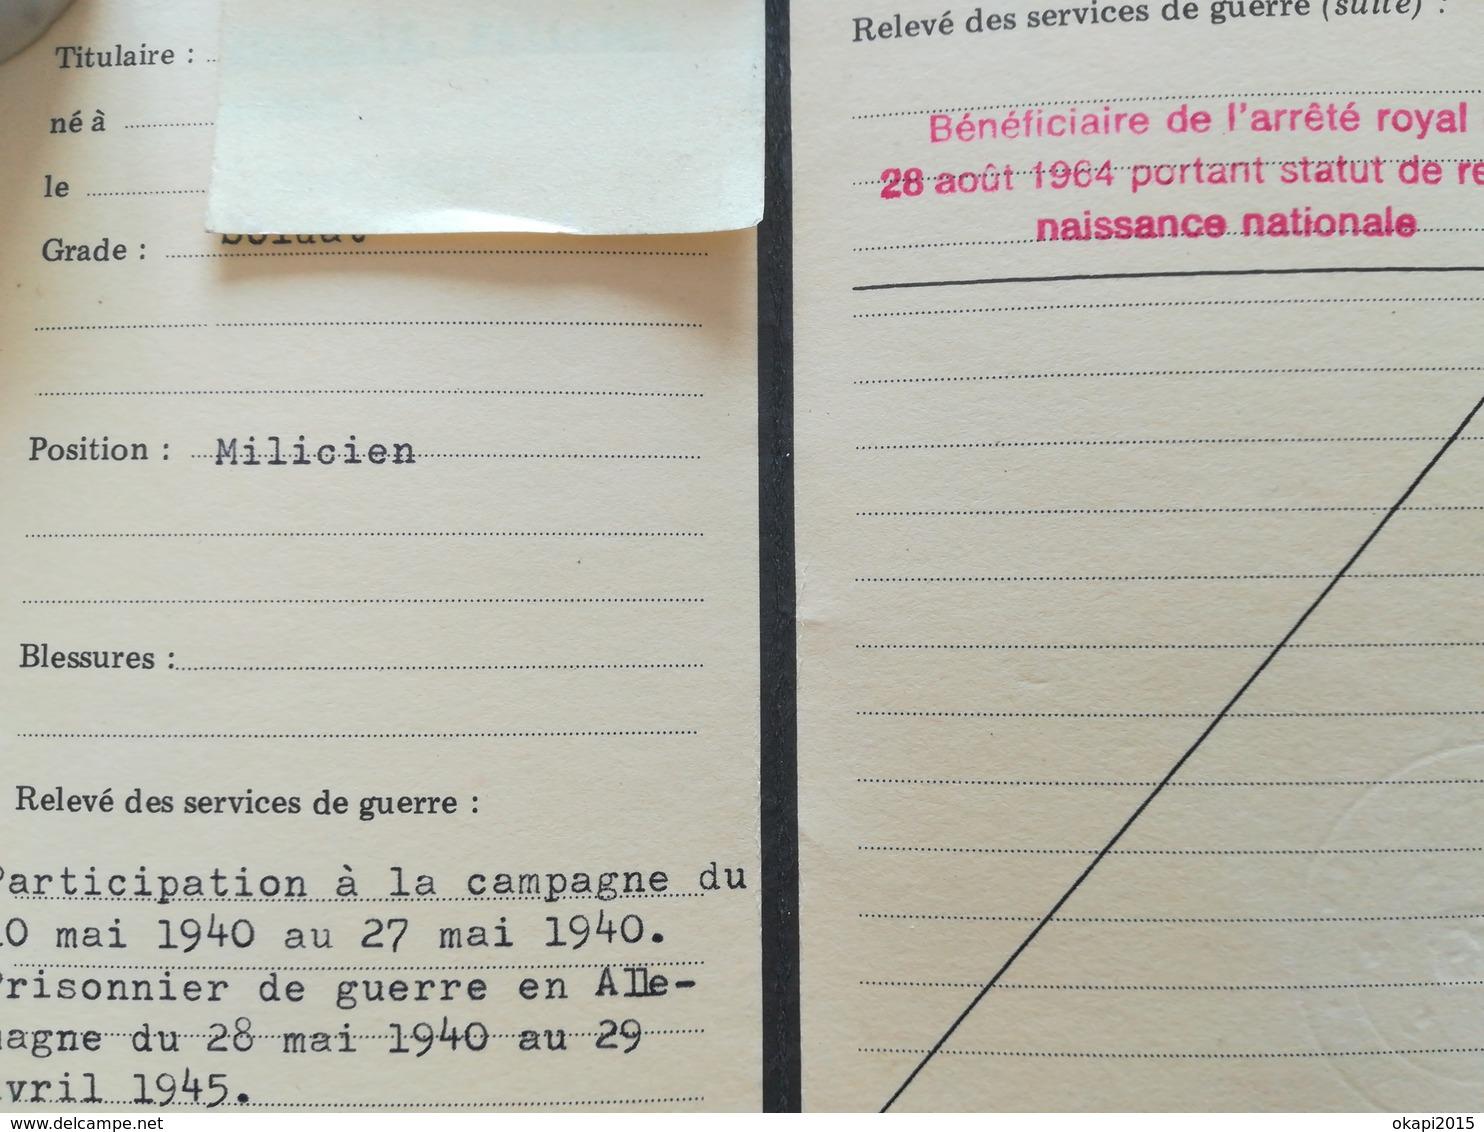 CARTE DES ÉTATS DE SERVICE DE GUERRE DU COMBATTANT 1940 - 1945 BELGIQUE MILITARIA VIEUX PAPIERS DOCUMENTS HISTORIQUES - 1939-45